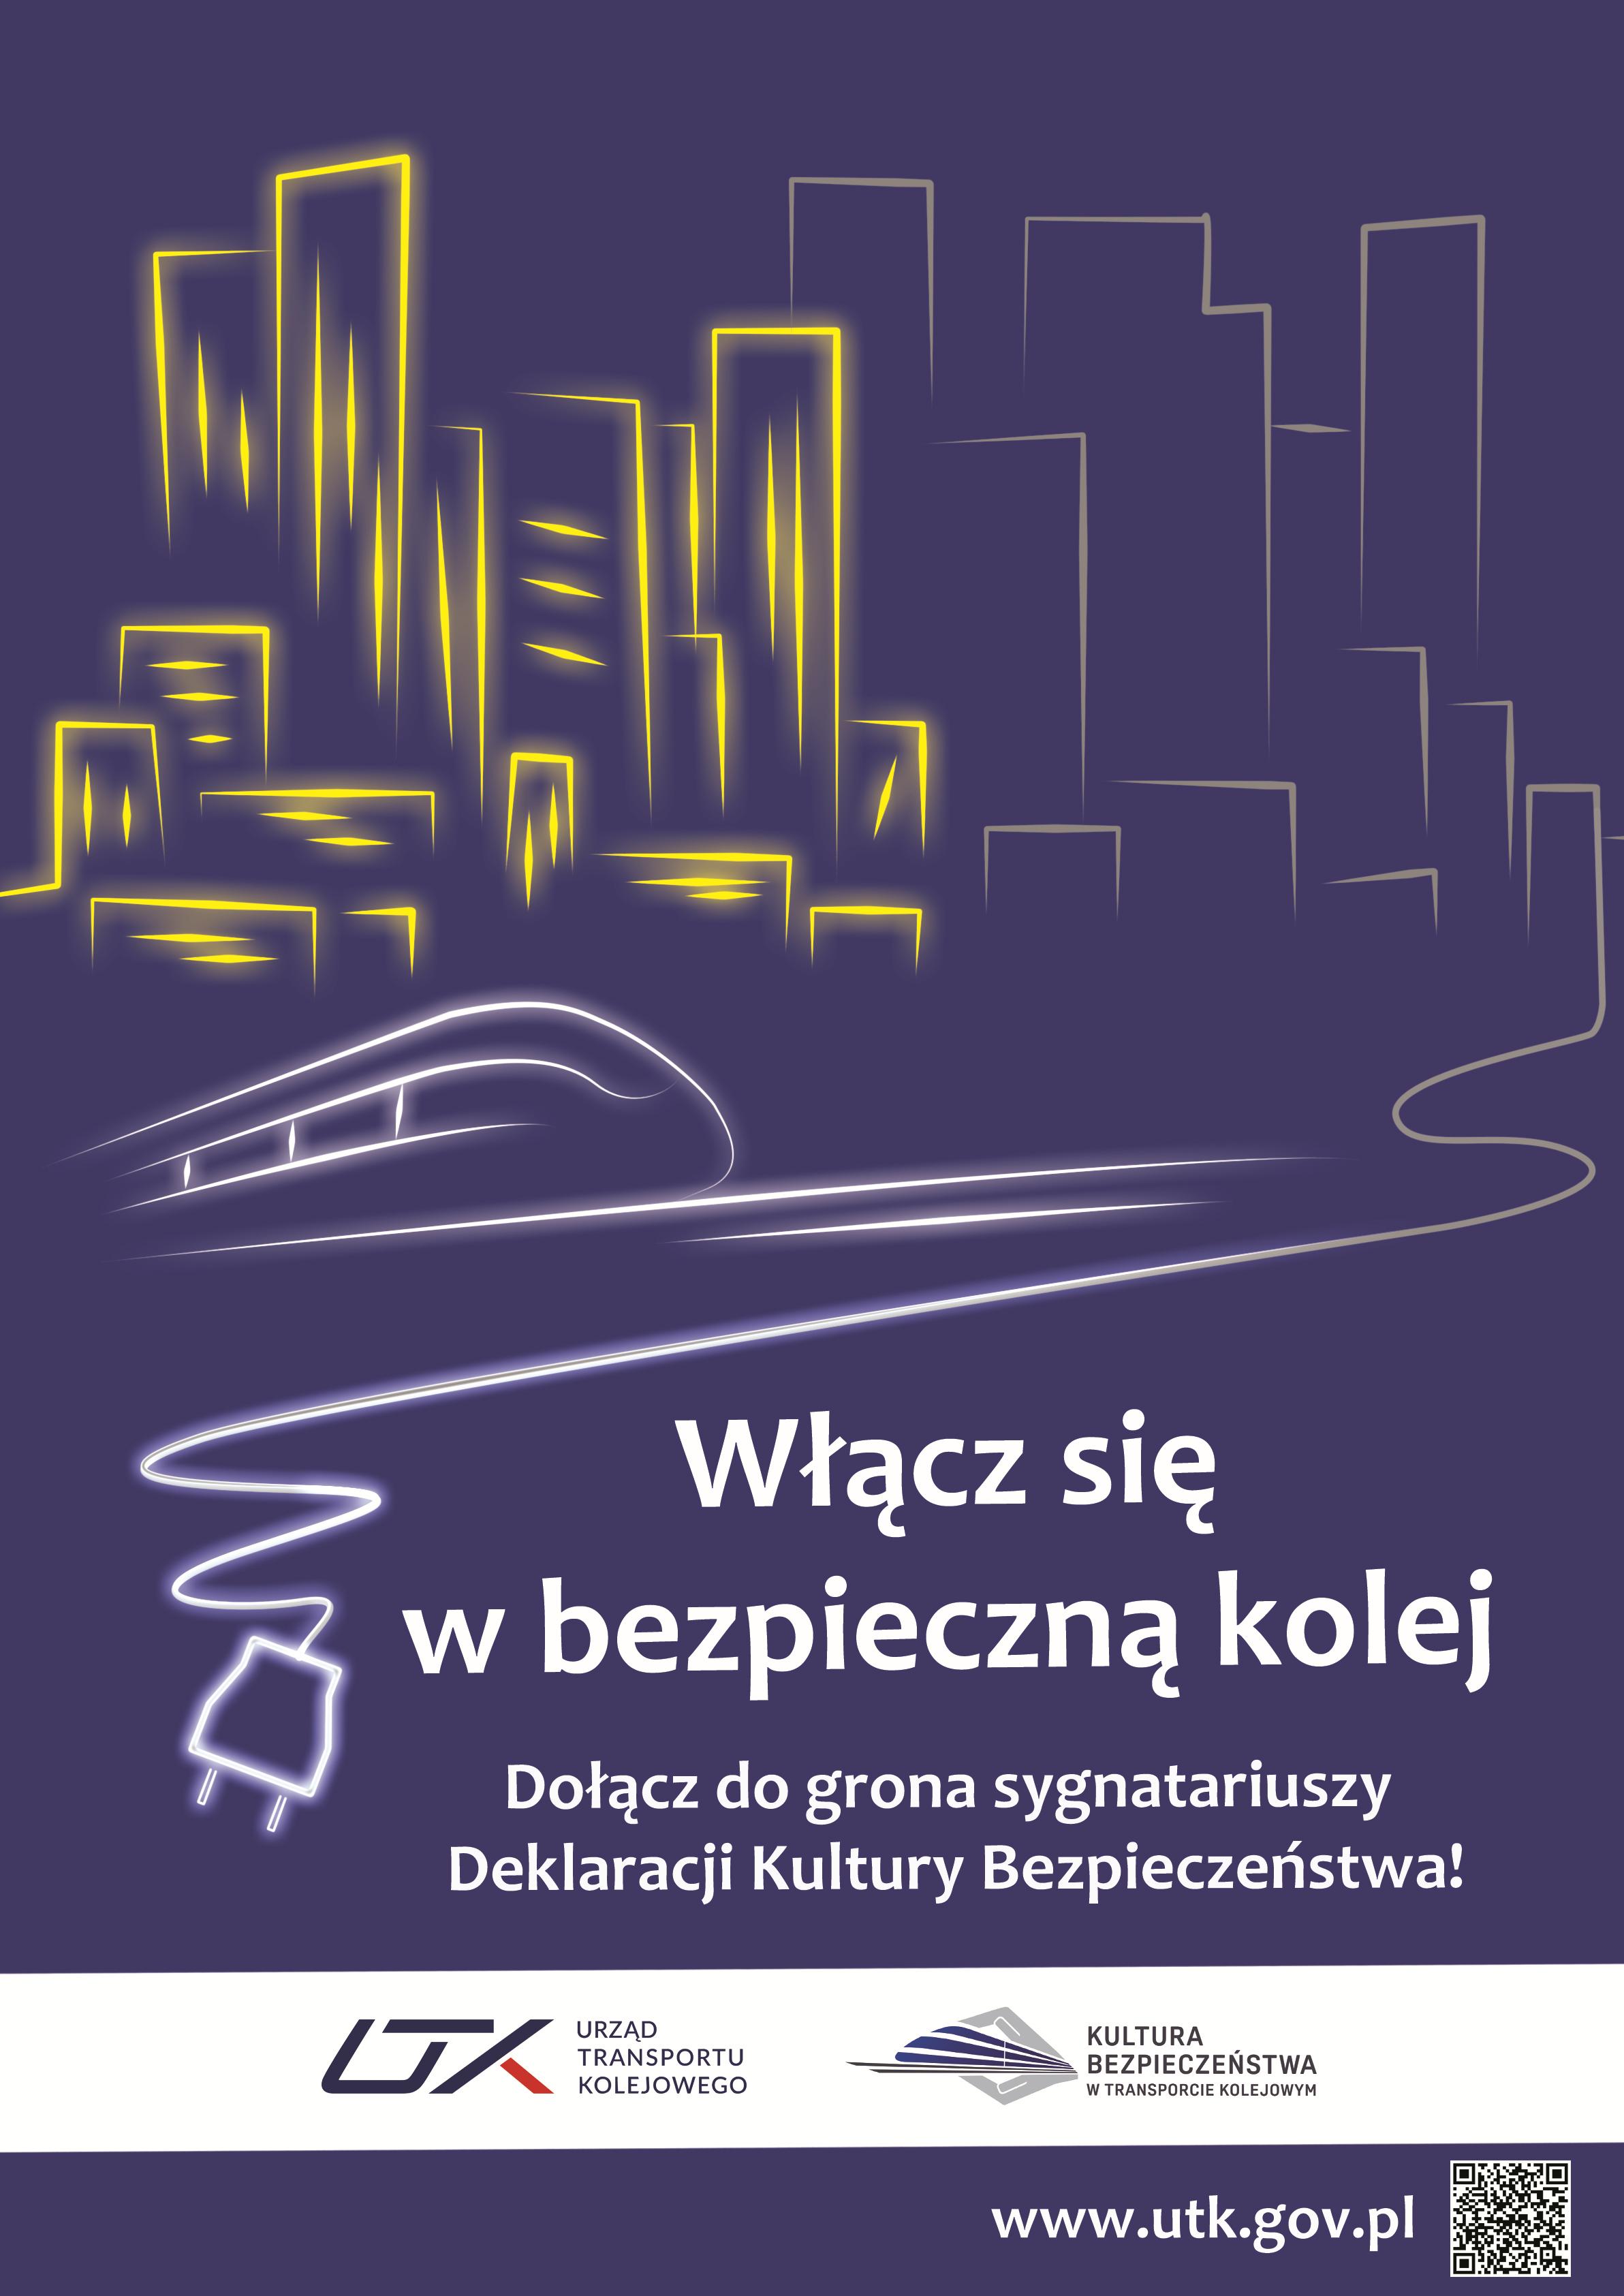 https://utk.gov.pl/dokumenty/zalaczniki/1/1-35966.png